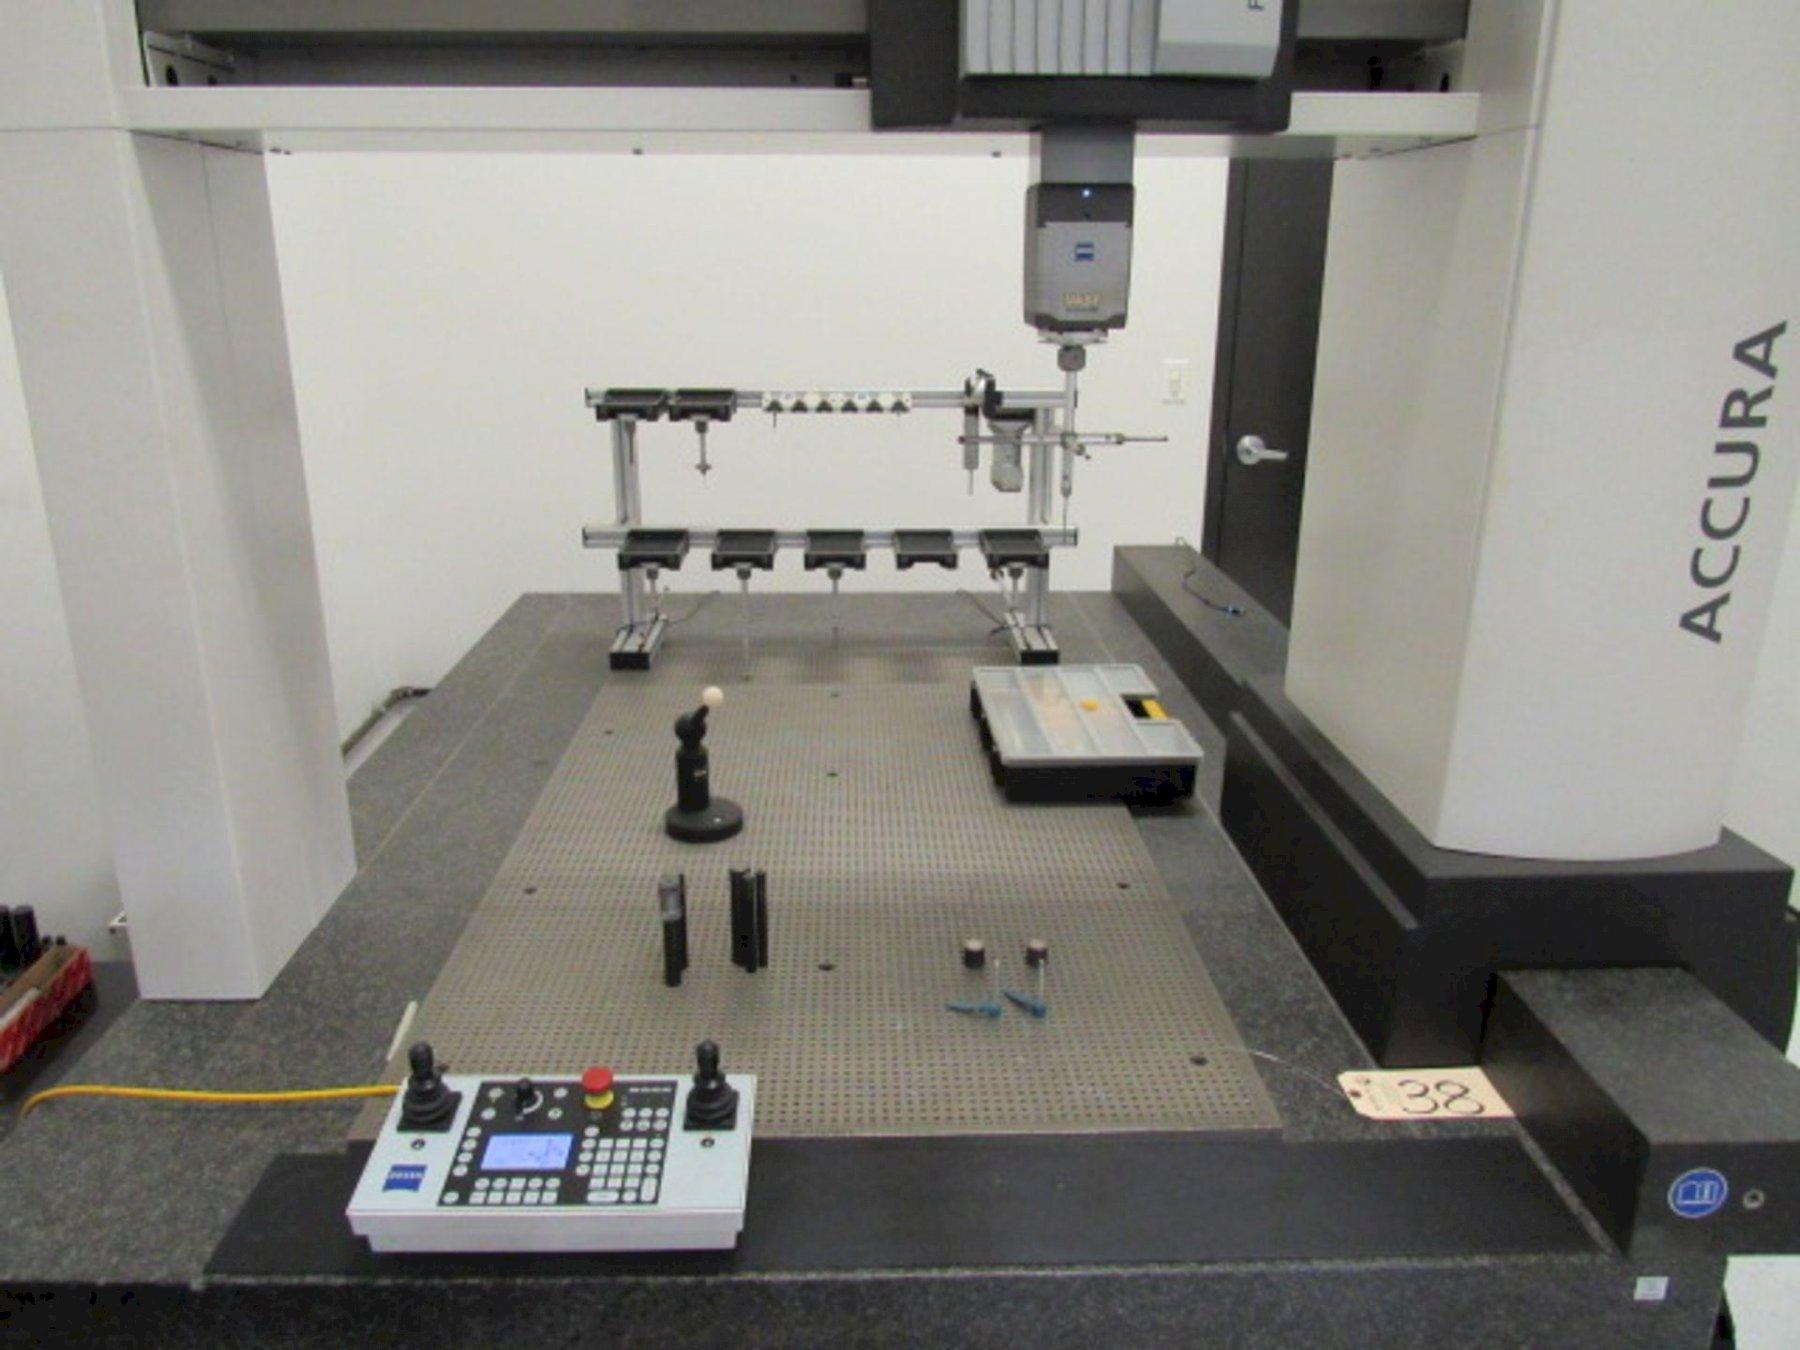 ZEISS2012 Accura II RDS 9/16/8 DCC Coordinate Measuring Machine (CMM)